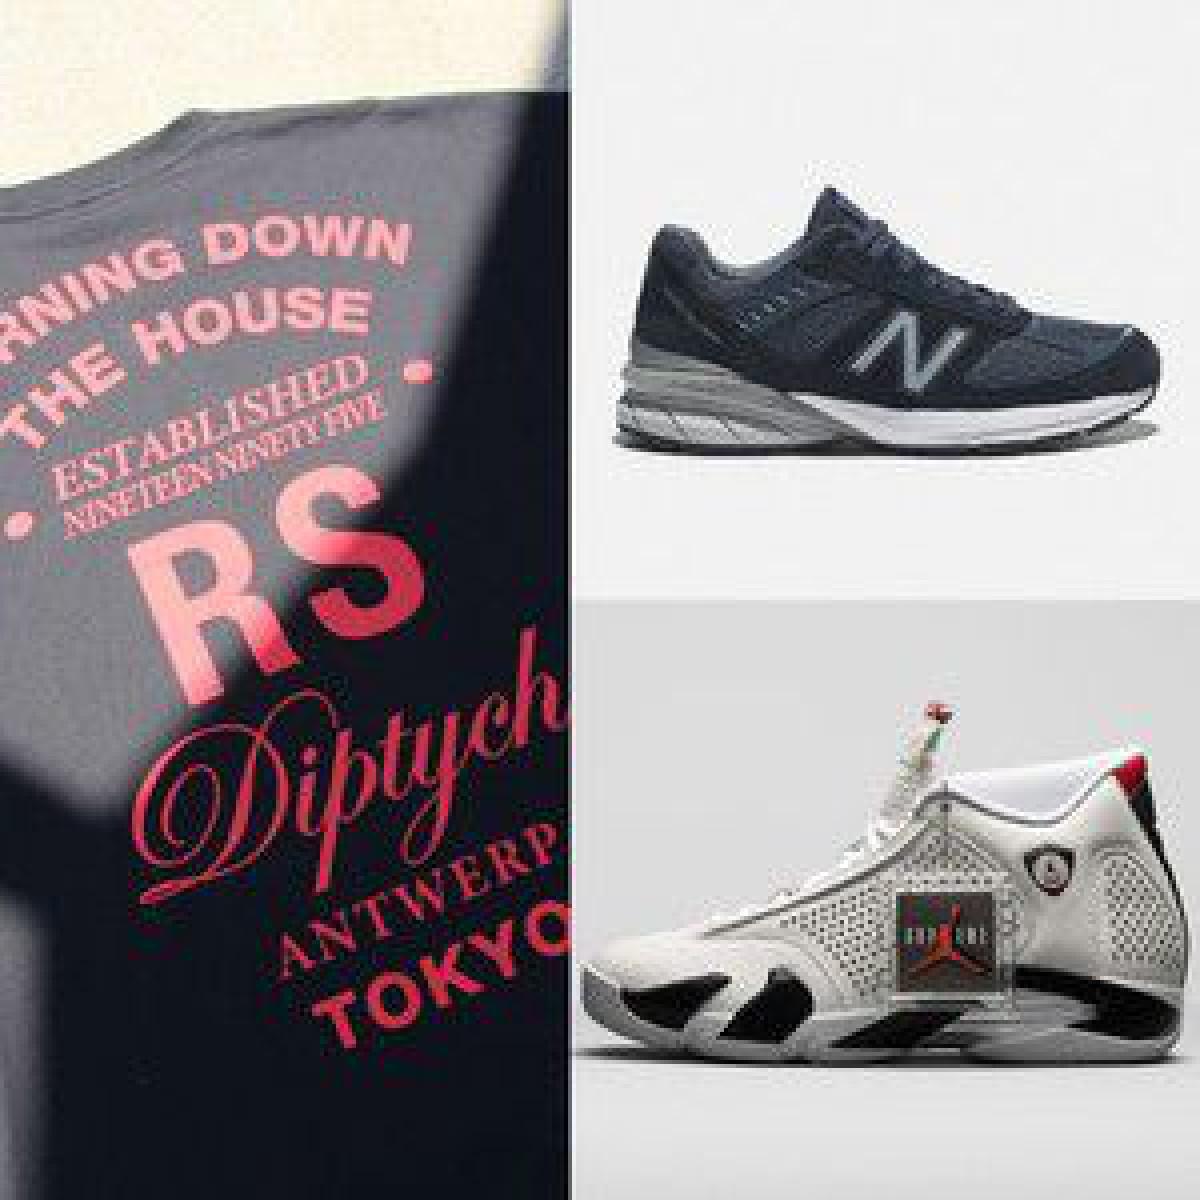 トゥモローランドが別注したラフ・シモンズTシャツ、ニューバランス「990v5」新色...【ストリートのマストバイ】